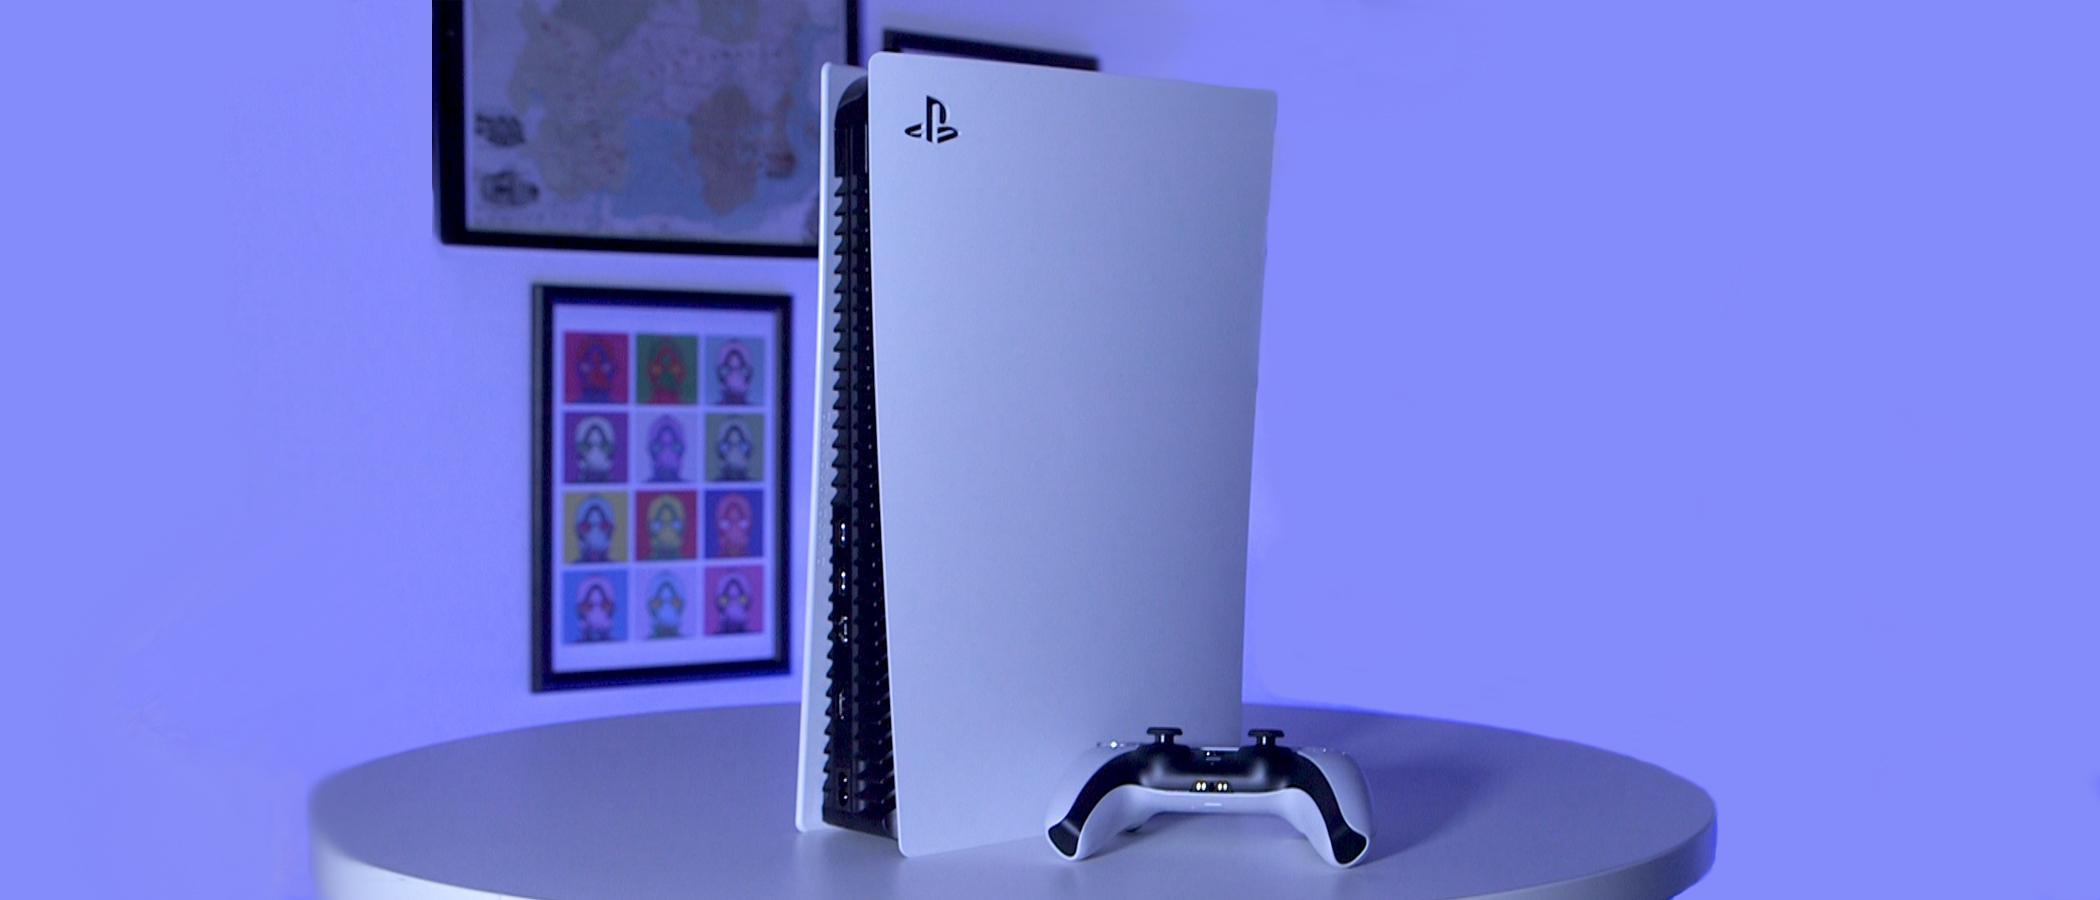 Kétszer annyi PlayStation 5 fogyott, mint amennyi új Xbox